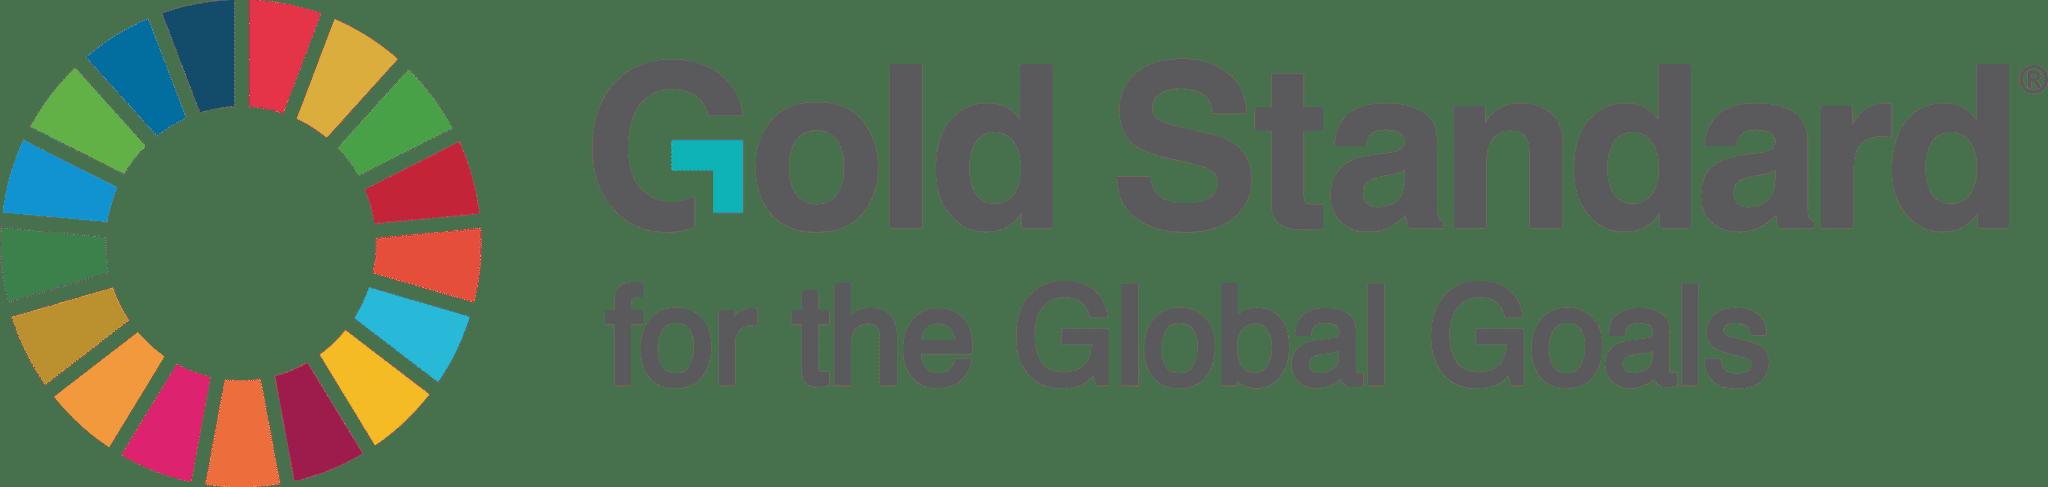 gold standard gs